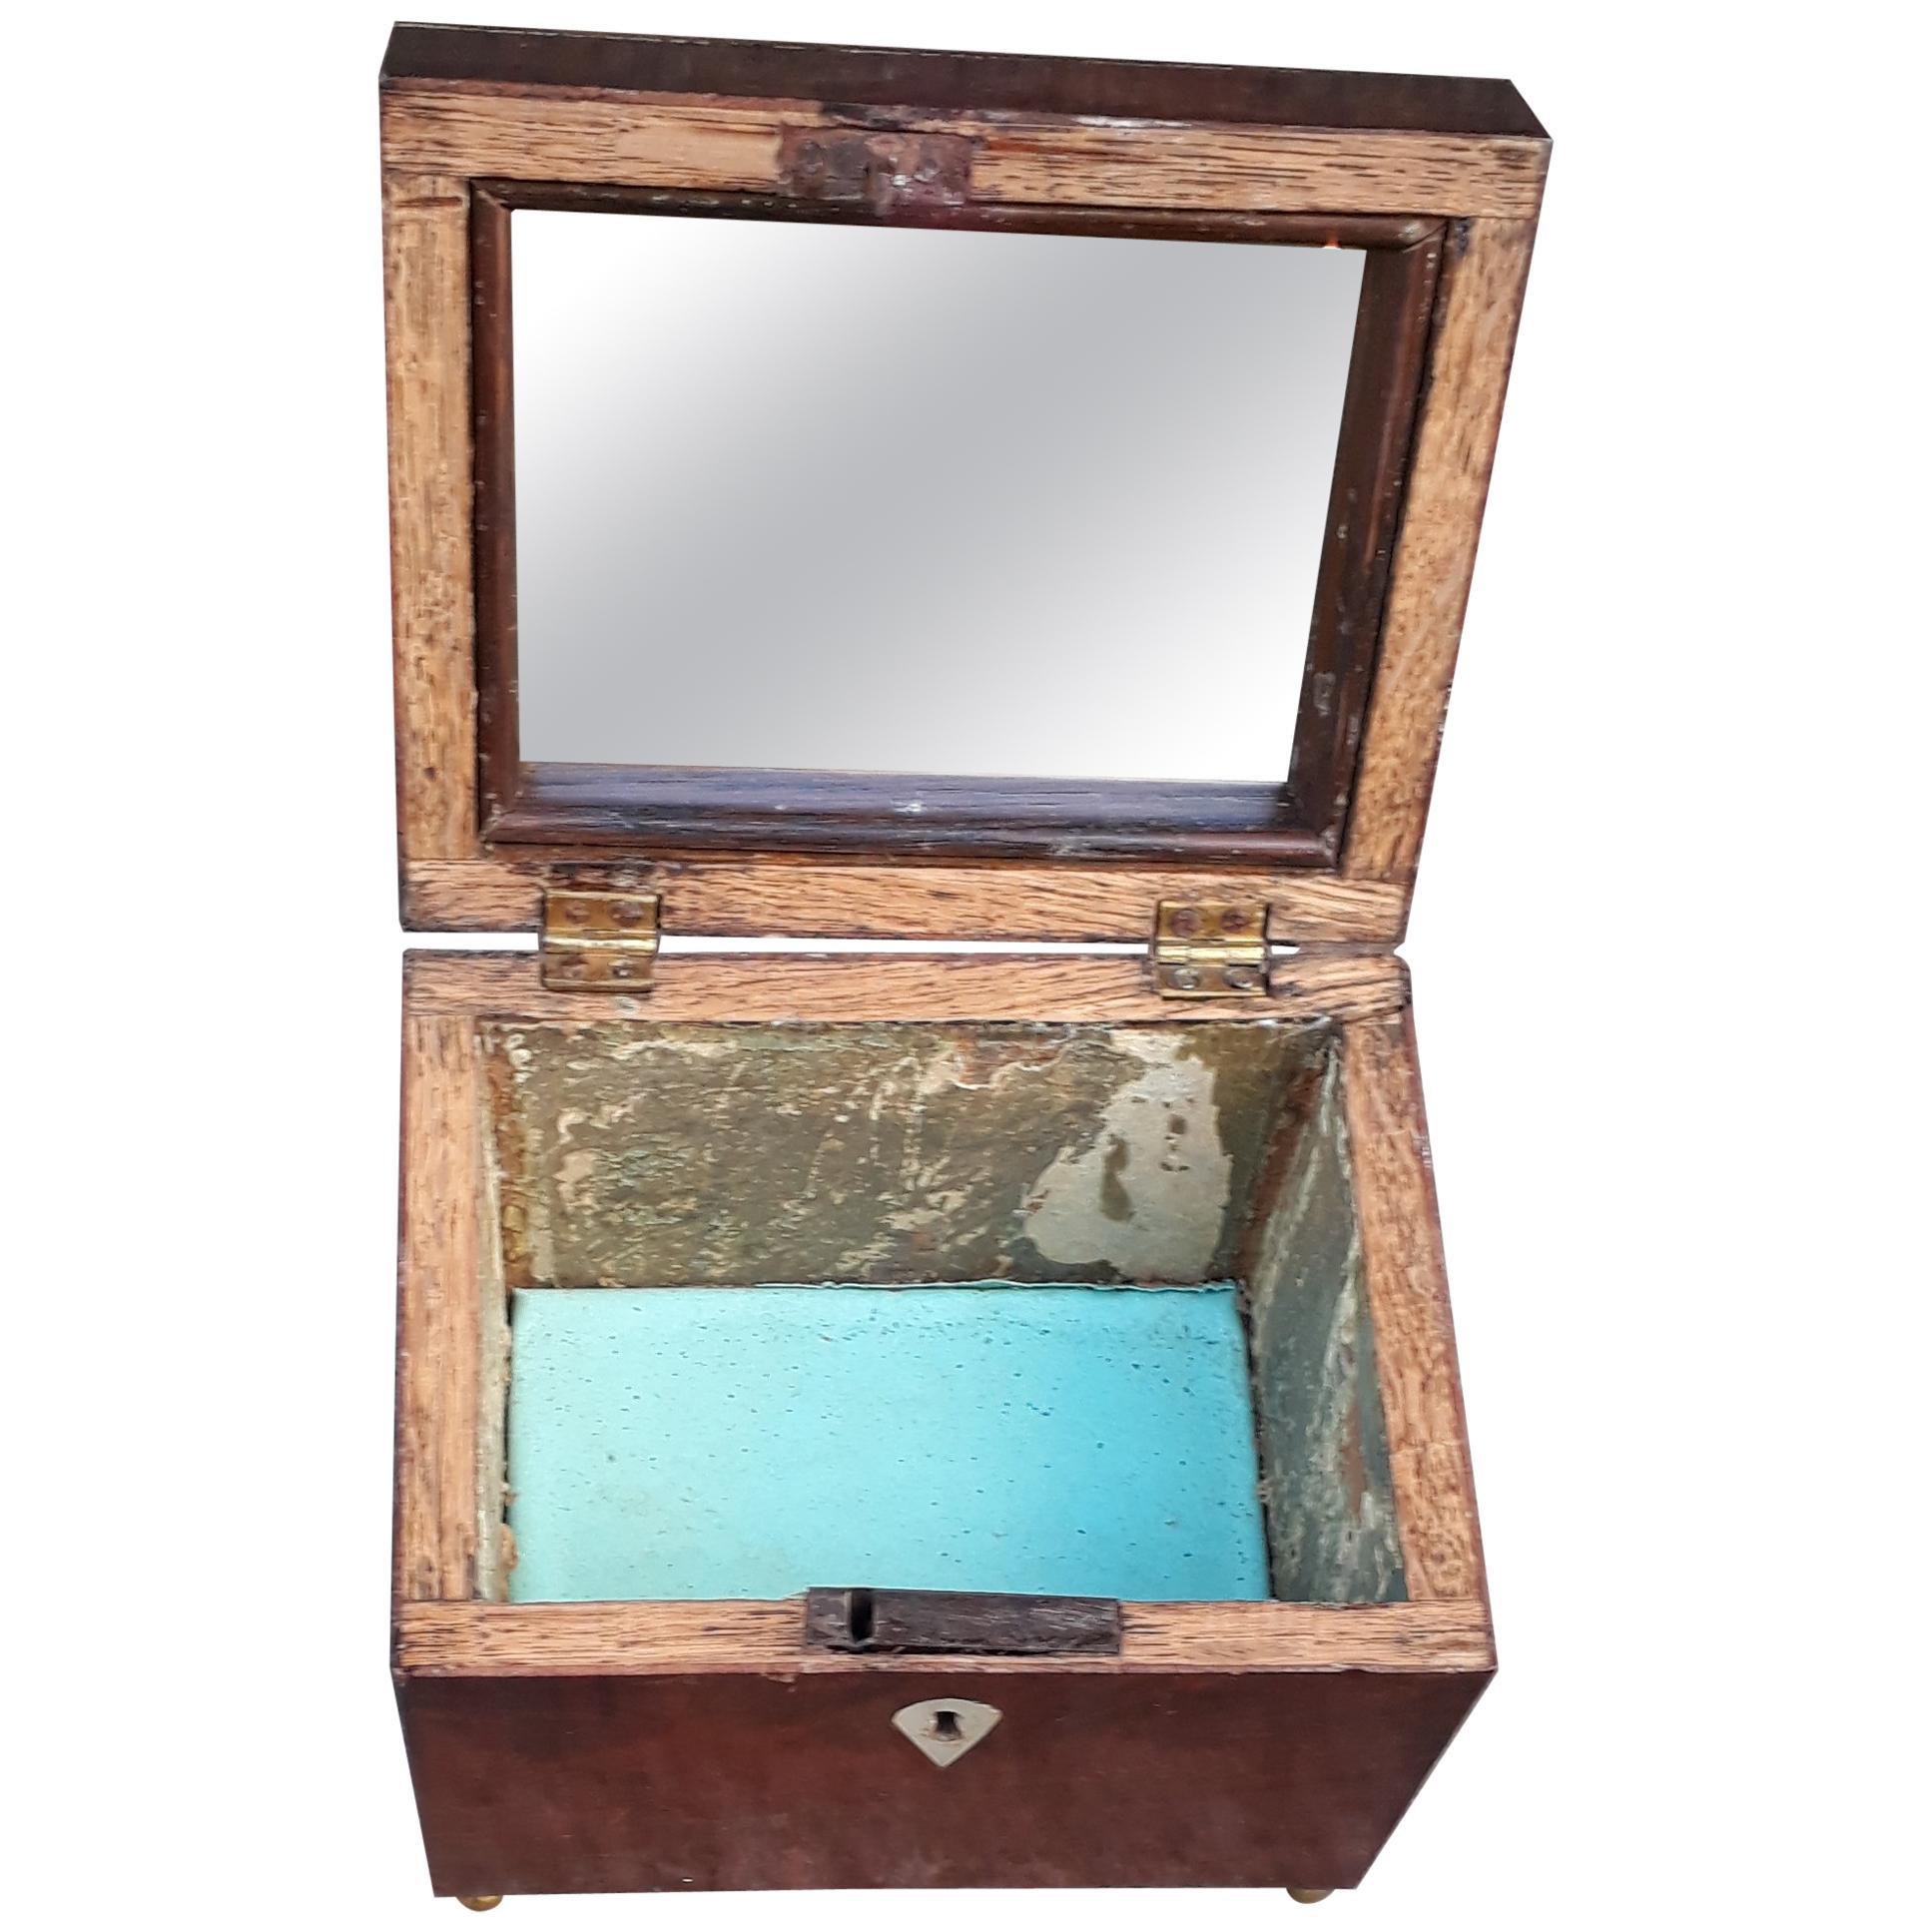 Mahogany Jewelry Box with Mirror